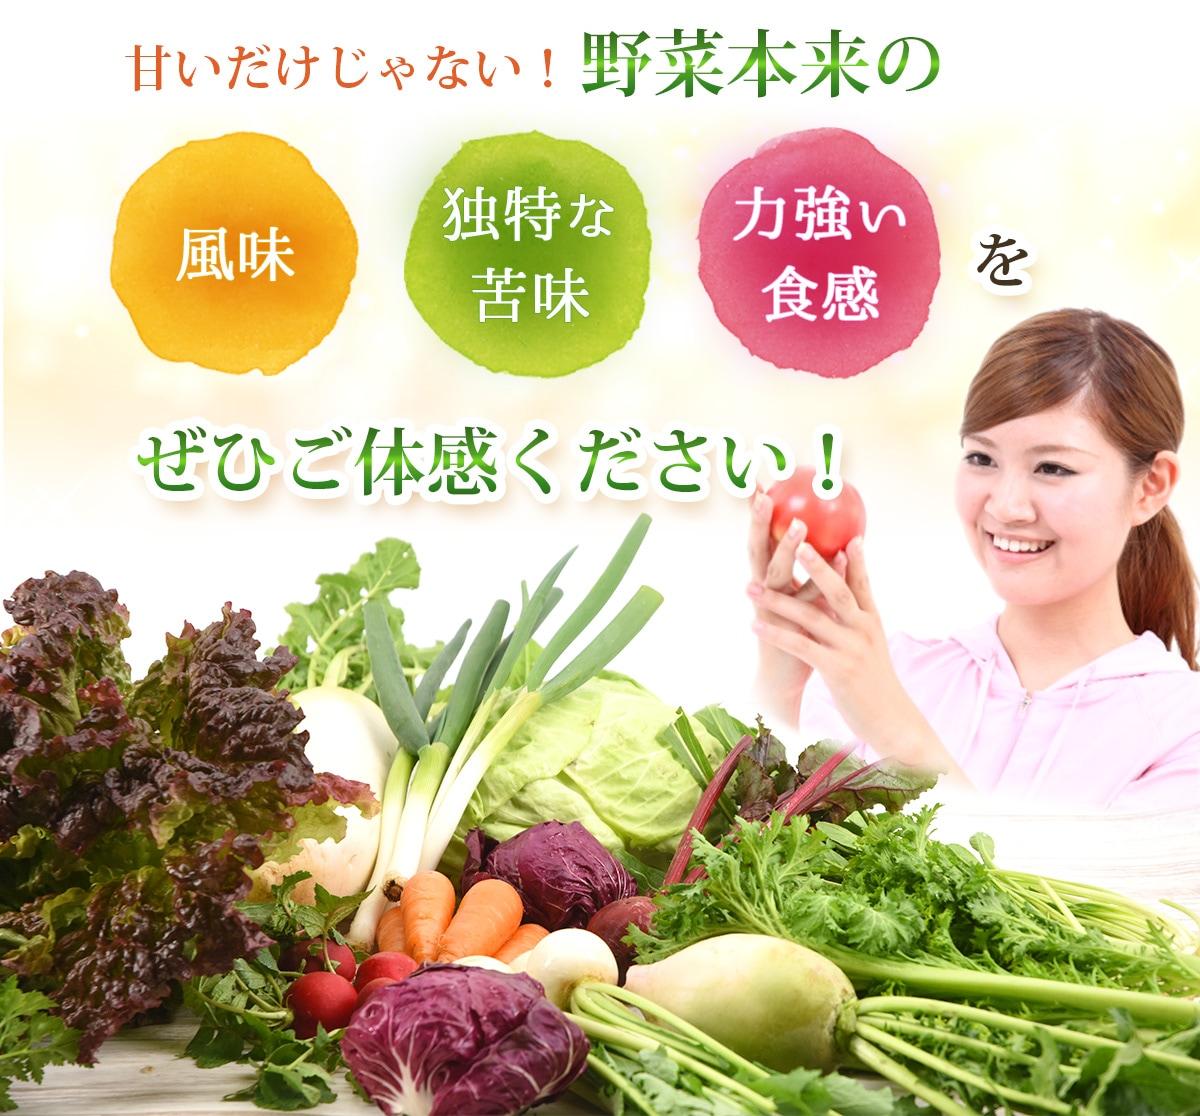 野菜本来の風味独特な苦み力強い食感をぜひご体感ください